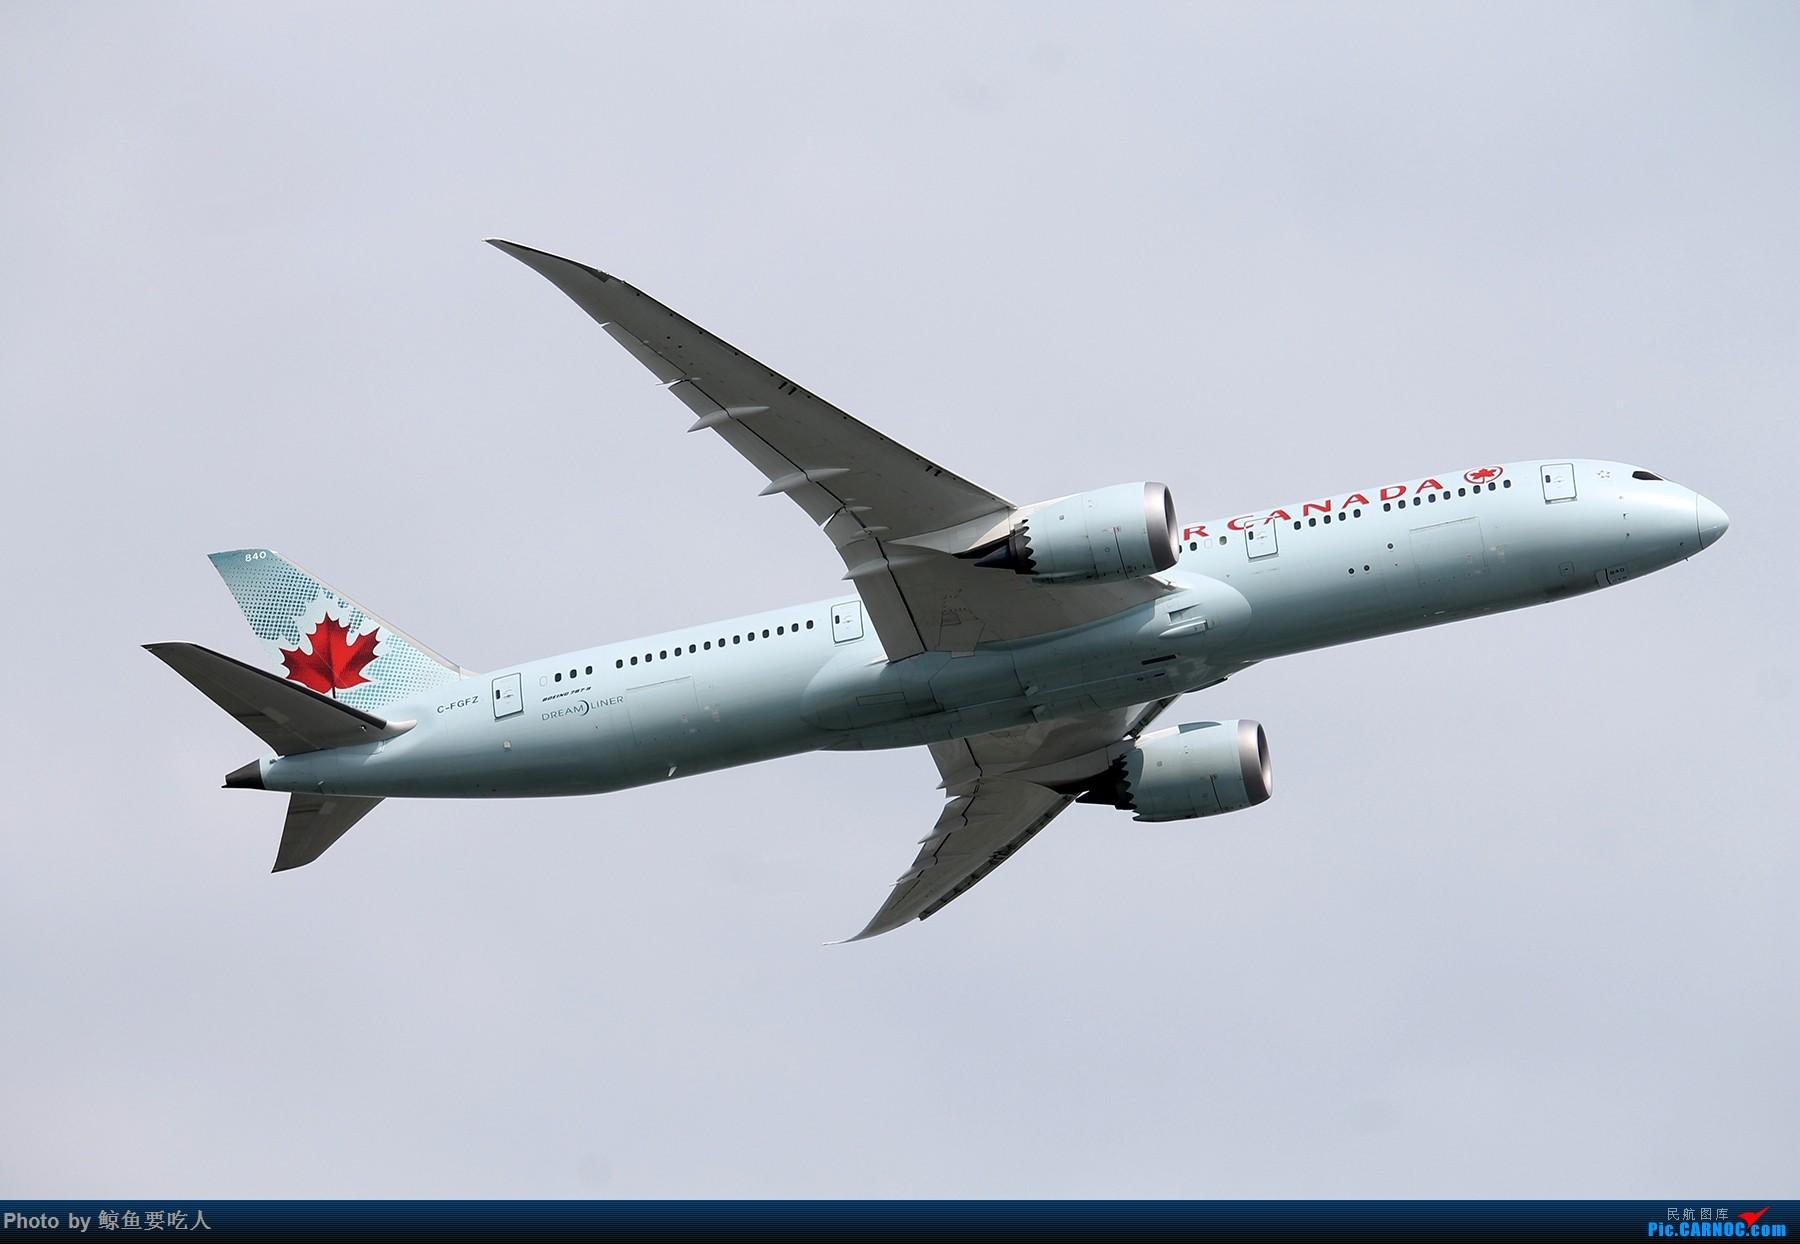 [原创][YYZ] 多伦多皮尔逊国际机场随拍一组~~ 持续更新 最后有惊喜 BOEING 787-9 C-FGFZ